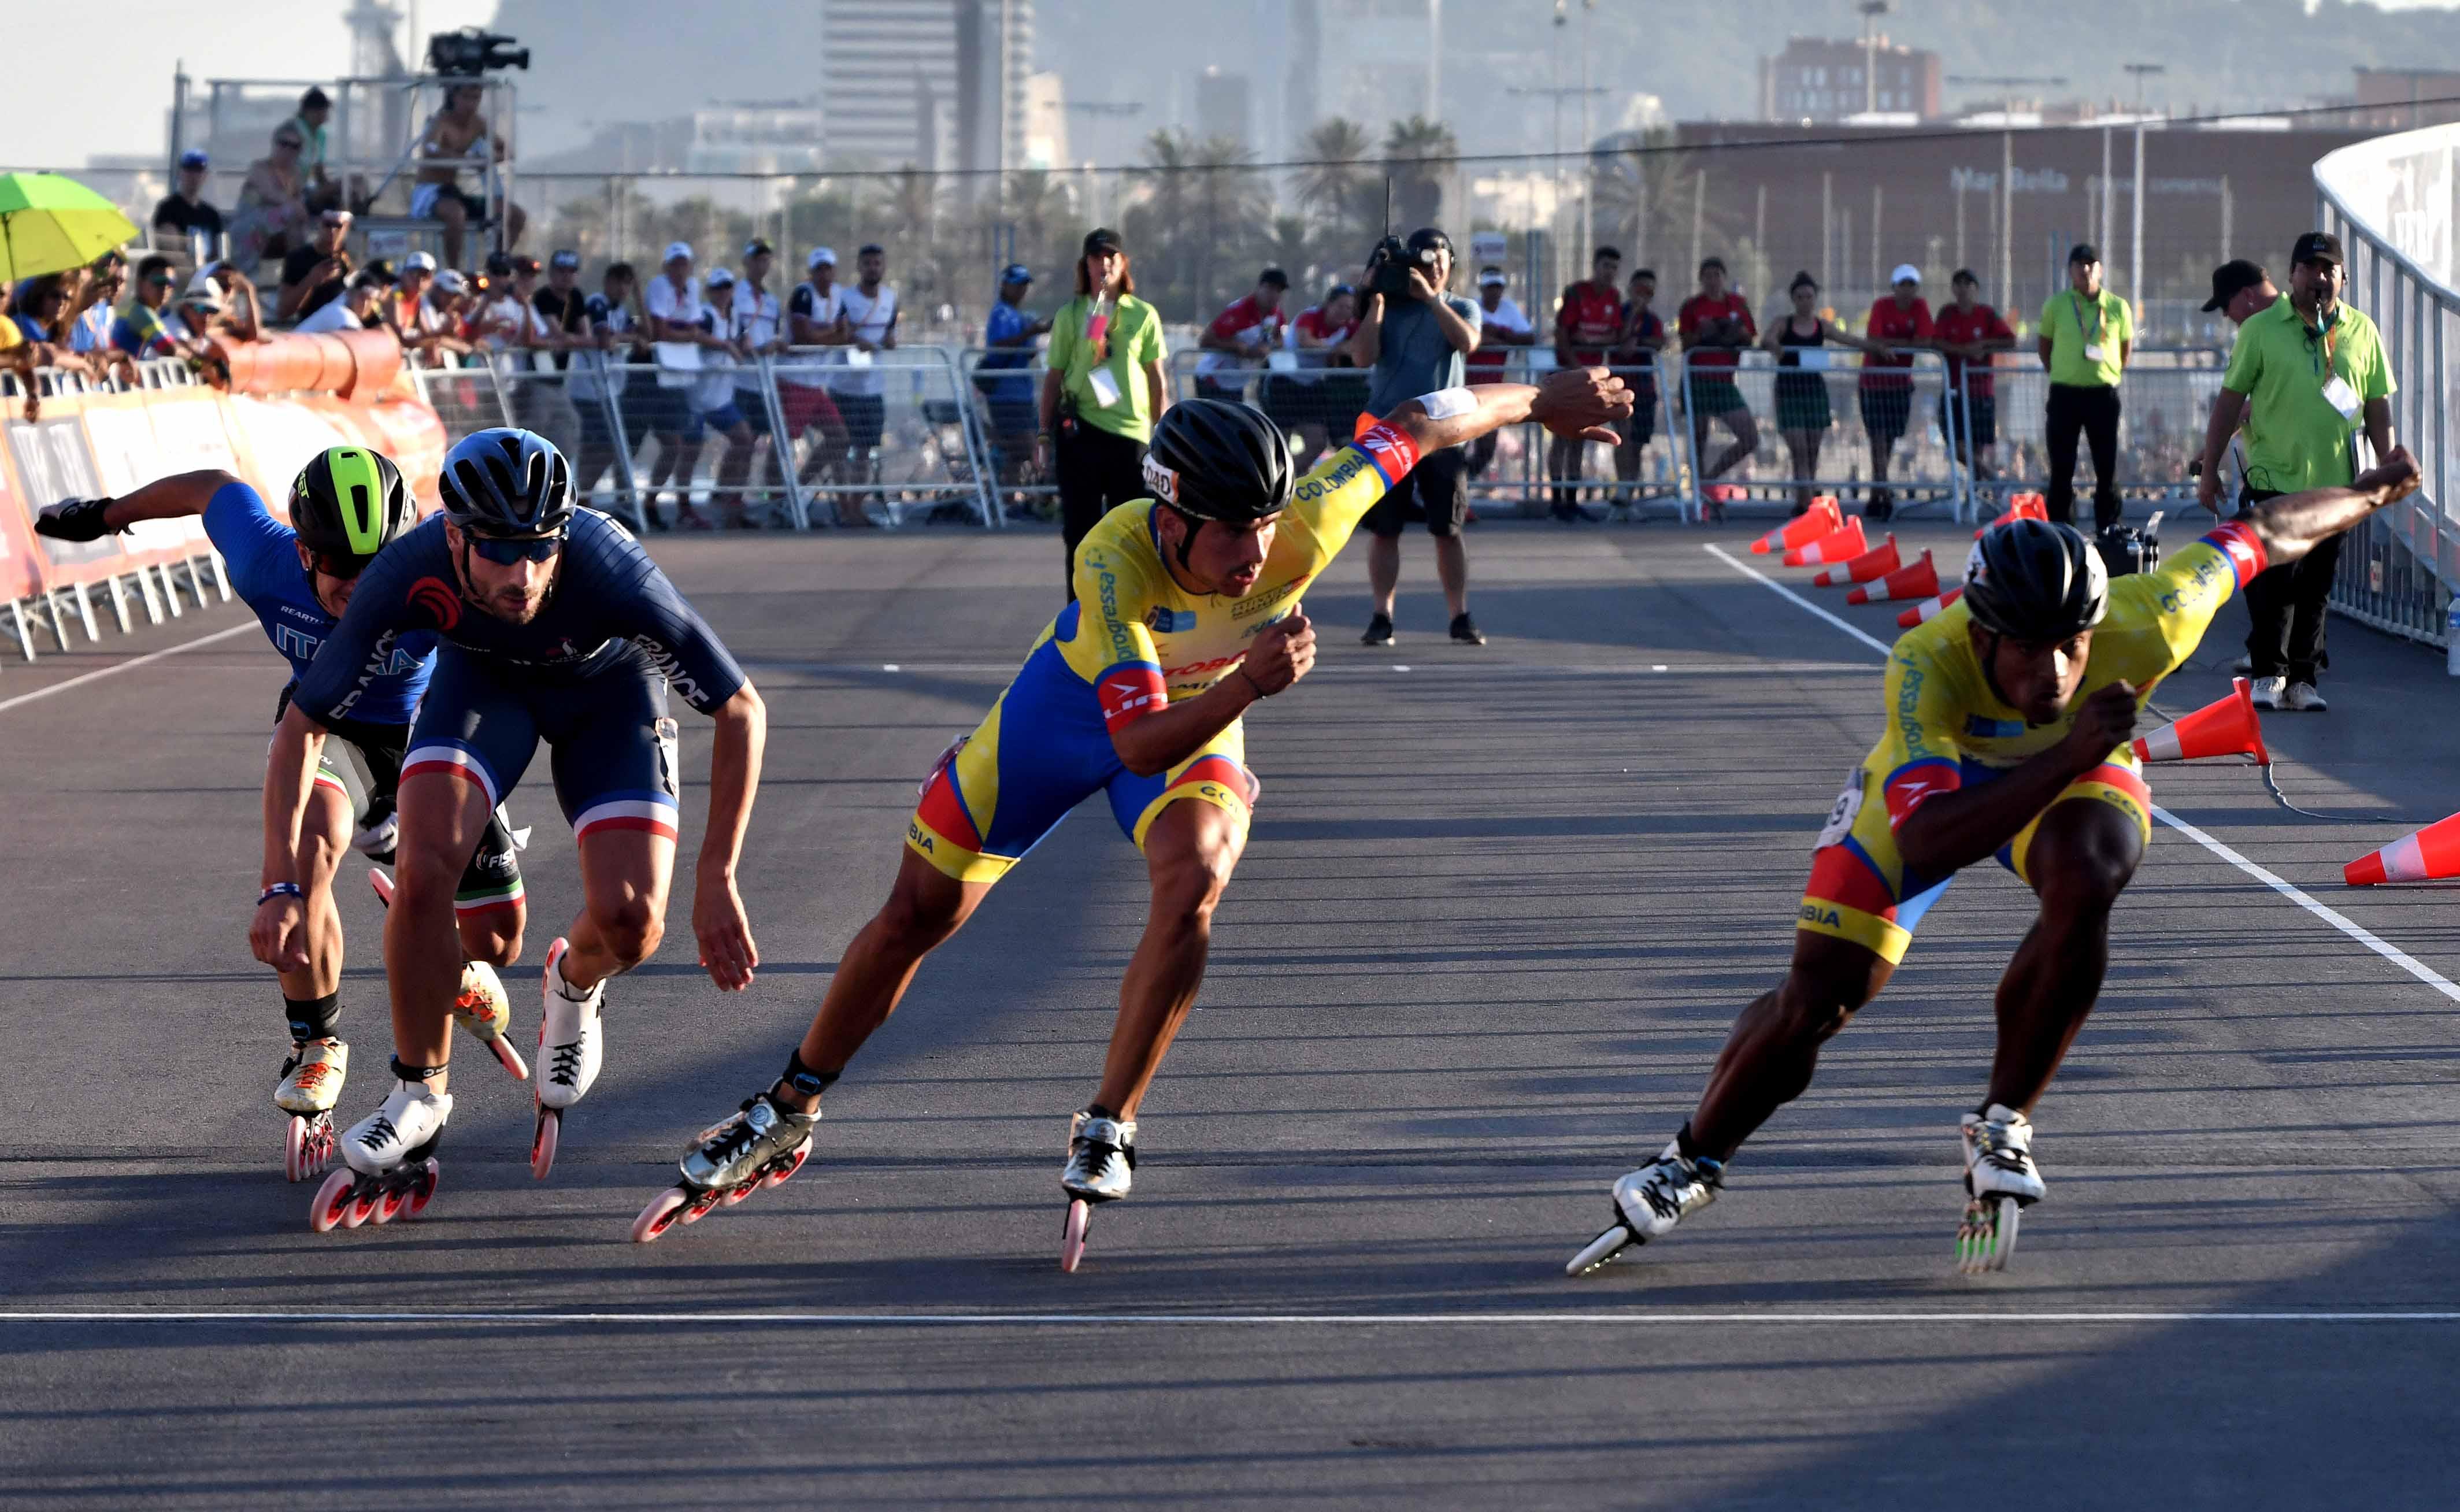 Colombia sumó otras cuatro medallas World Roller Games | Nacional | Deportes | EL FRENTE